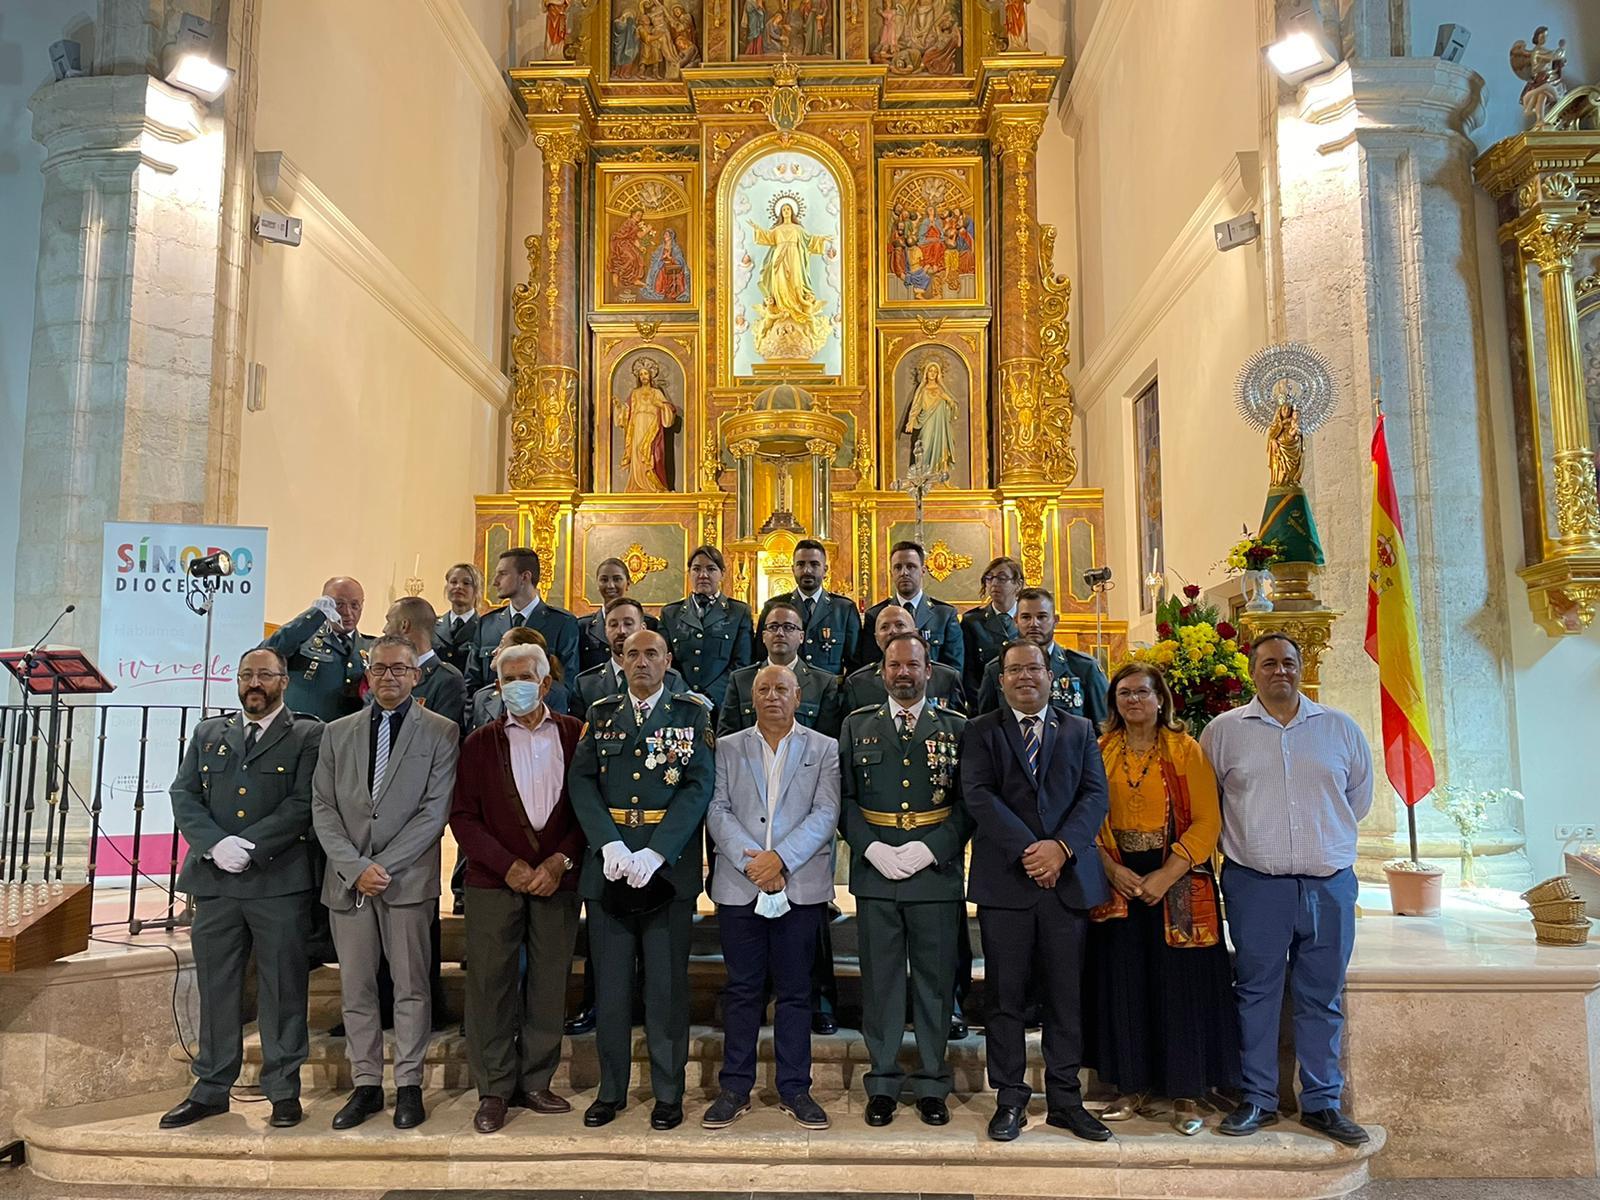 Horche acoge una misa en honor a la Virgen del Pilar en el Día de la Hispanidad